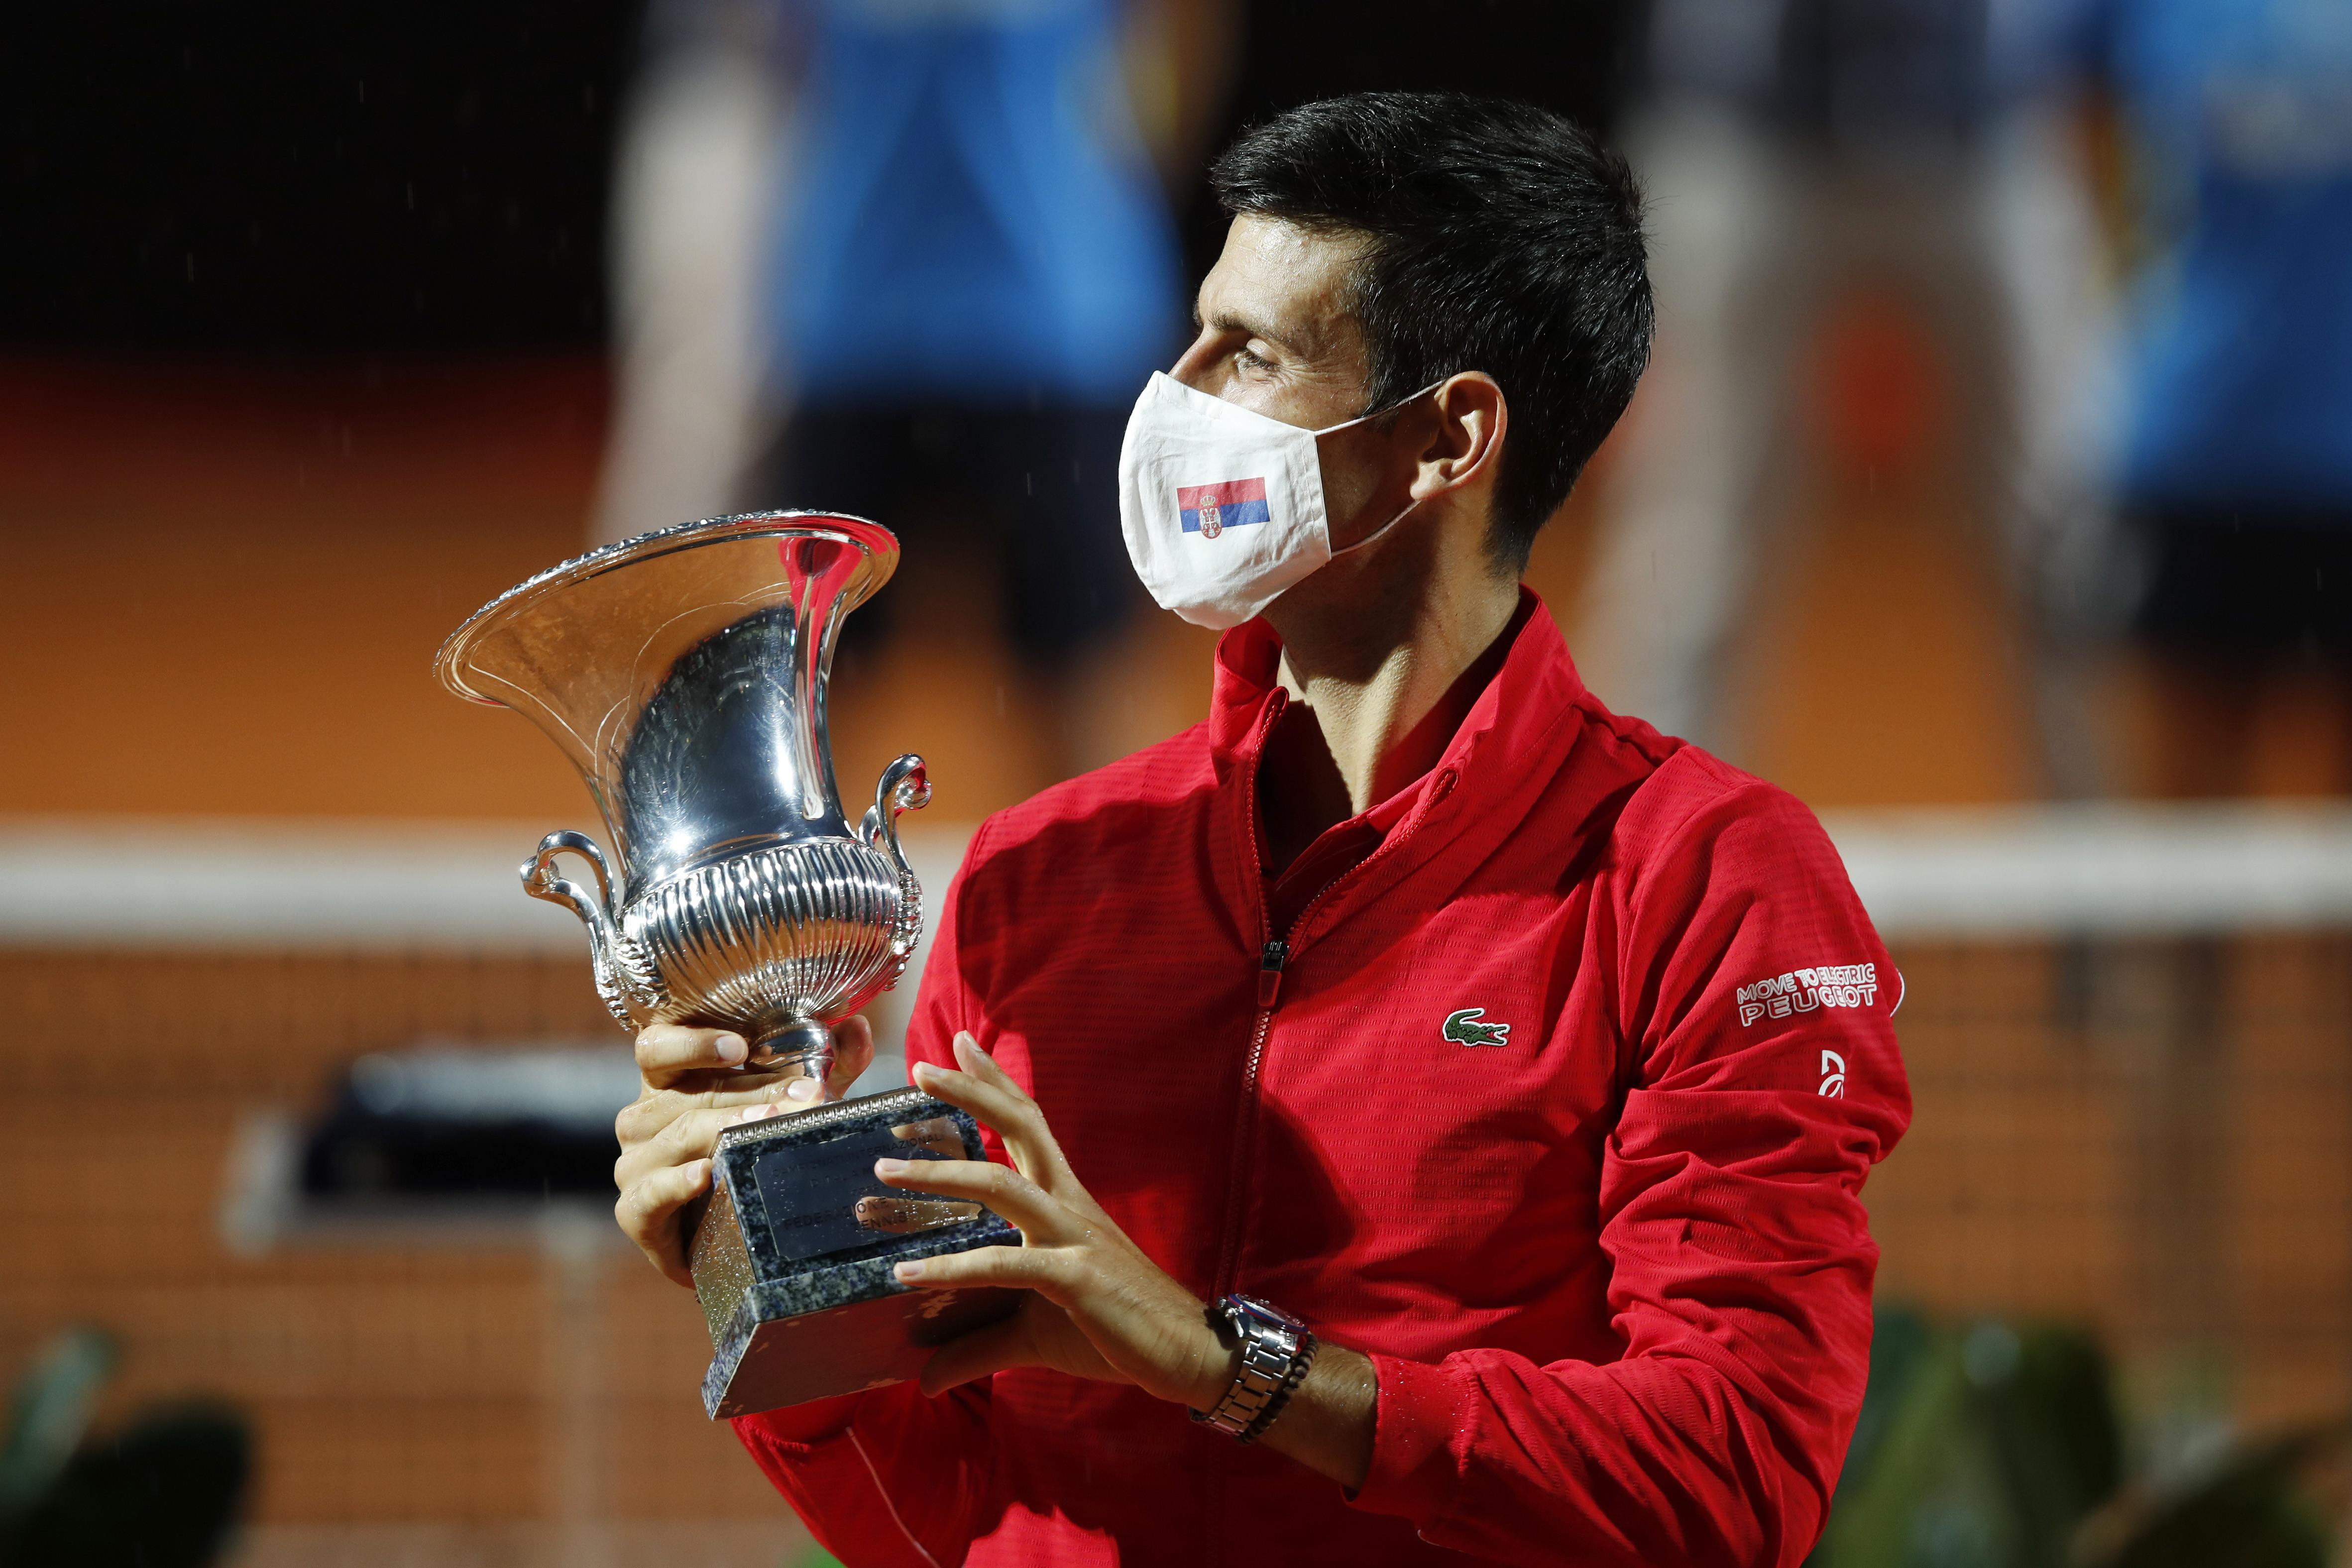 Nel 2020, a trionfare per la sua quinta volta in suolo romano, è il numero 1 al mondo Djokovic ai danni dell'argentino Schwartzman.